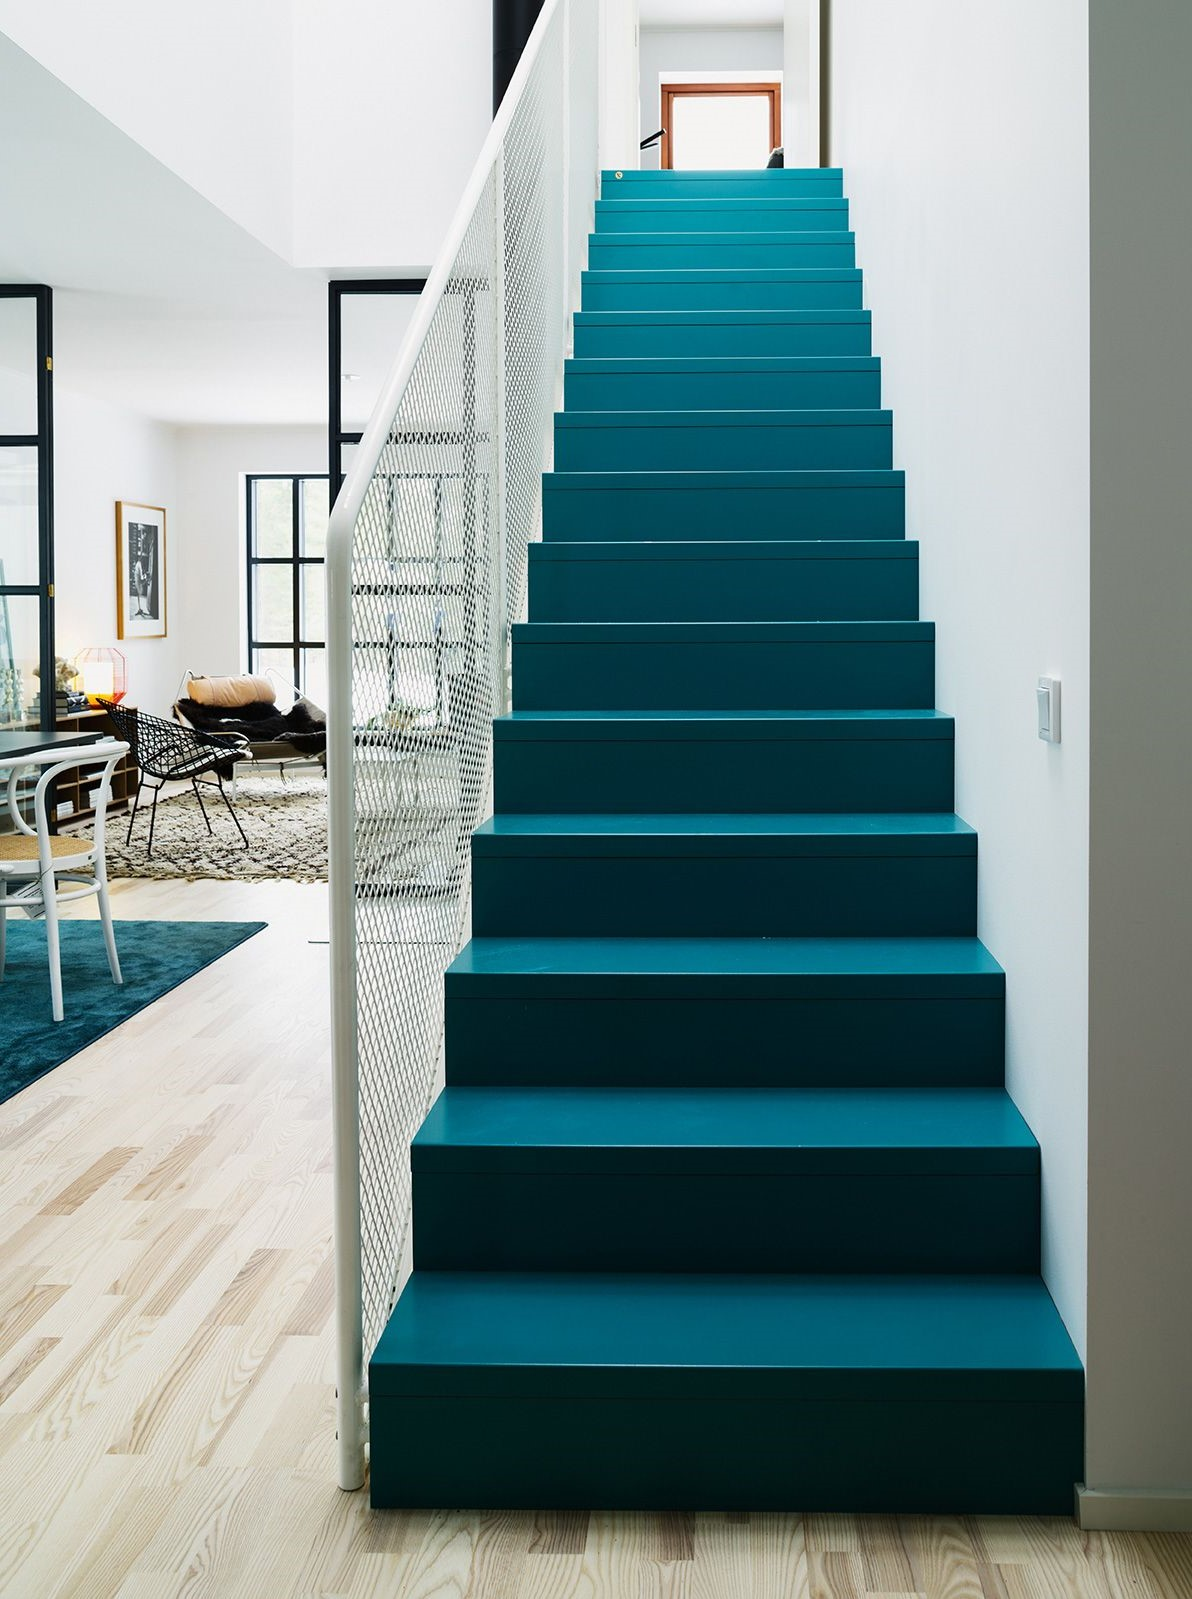 Escalier peint en bleu pétrole.